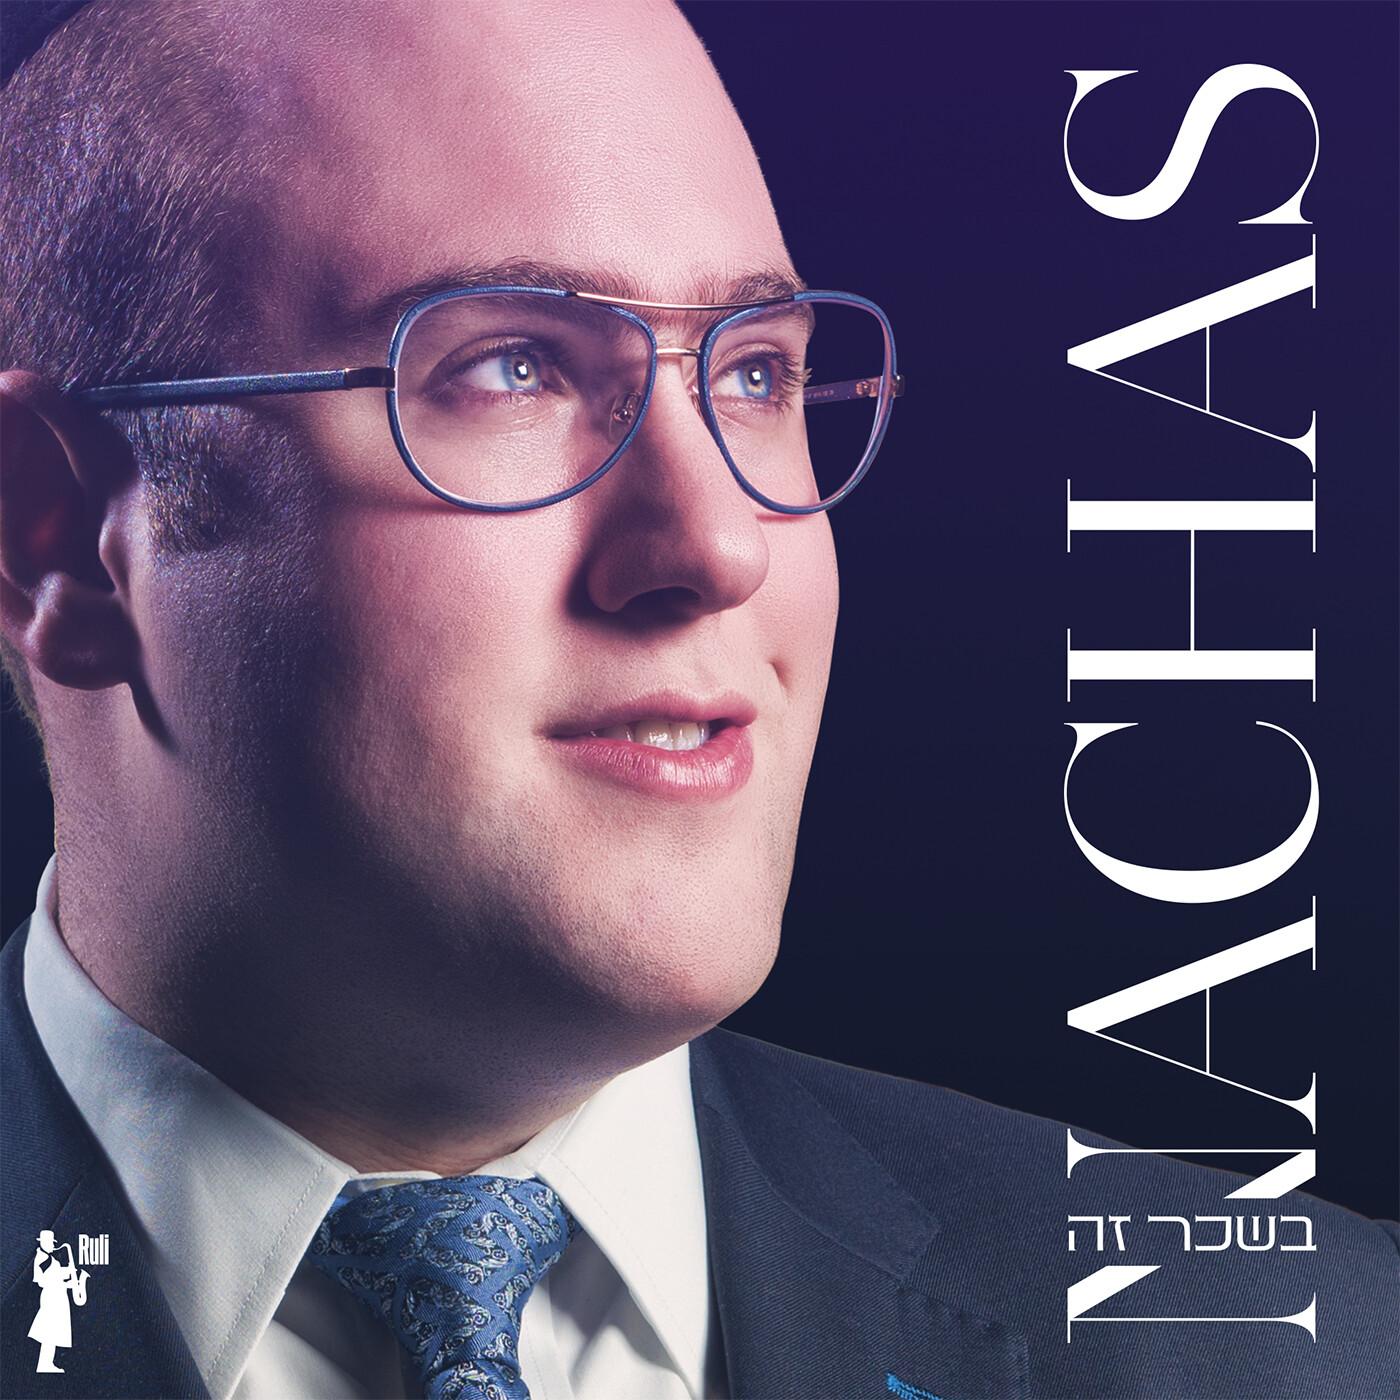 NACHAS 1 Signed Album